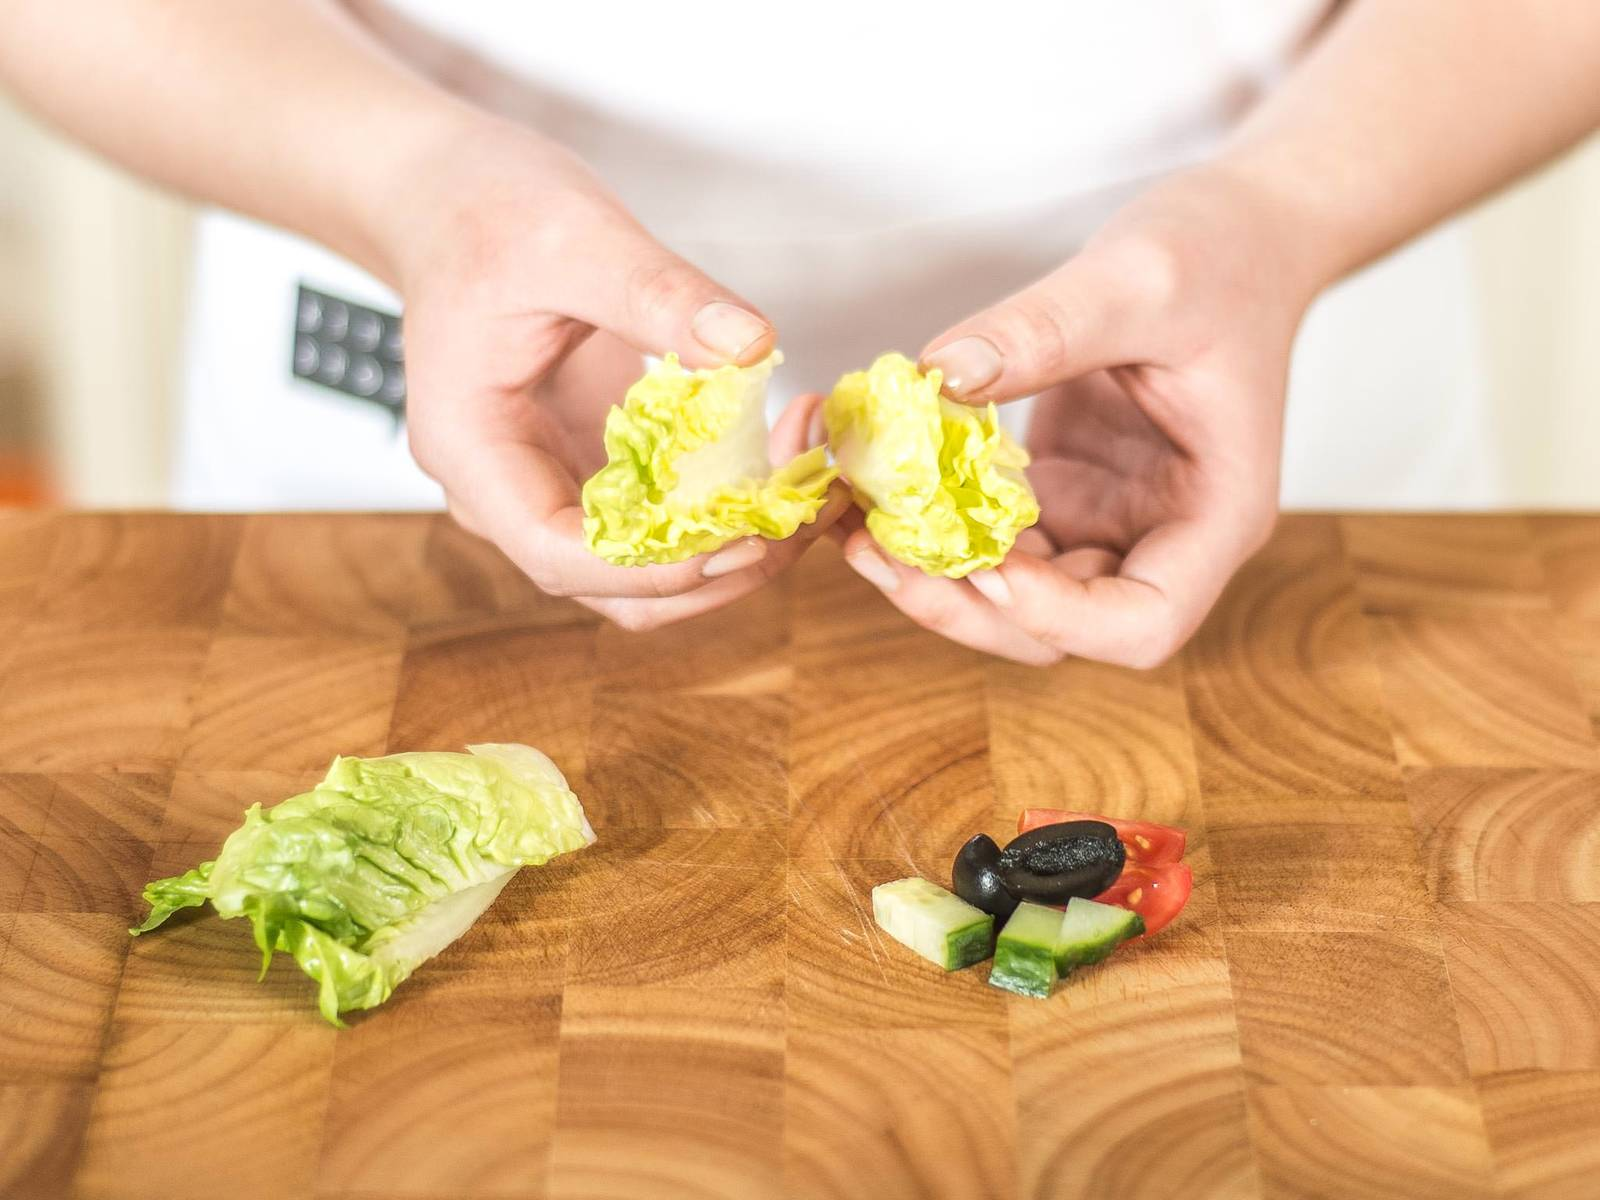 Oliven und Tomaten halbieren, Salatgurke würfeln. Römersalatherzen waschen, trocknen und in mundgerechte Stücke zupfen.